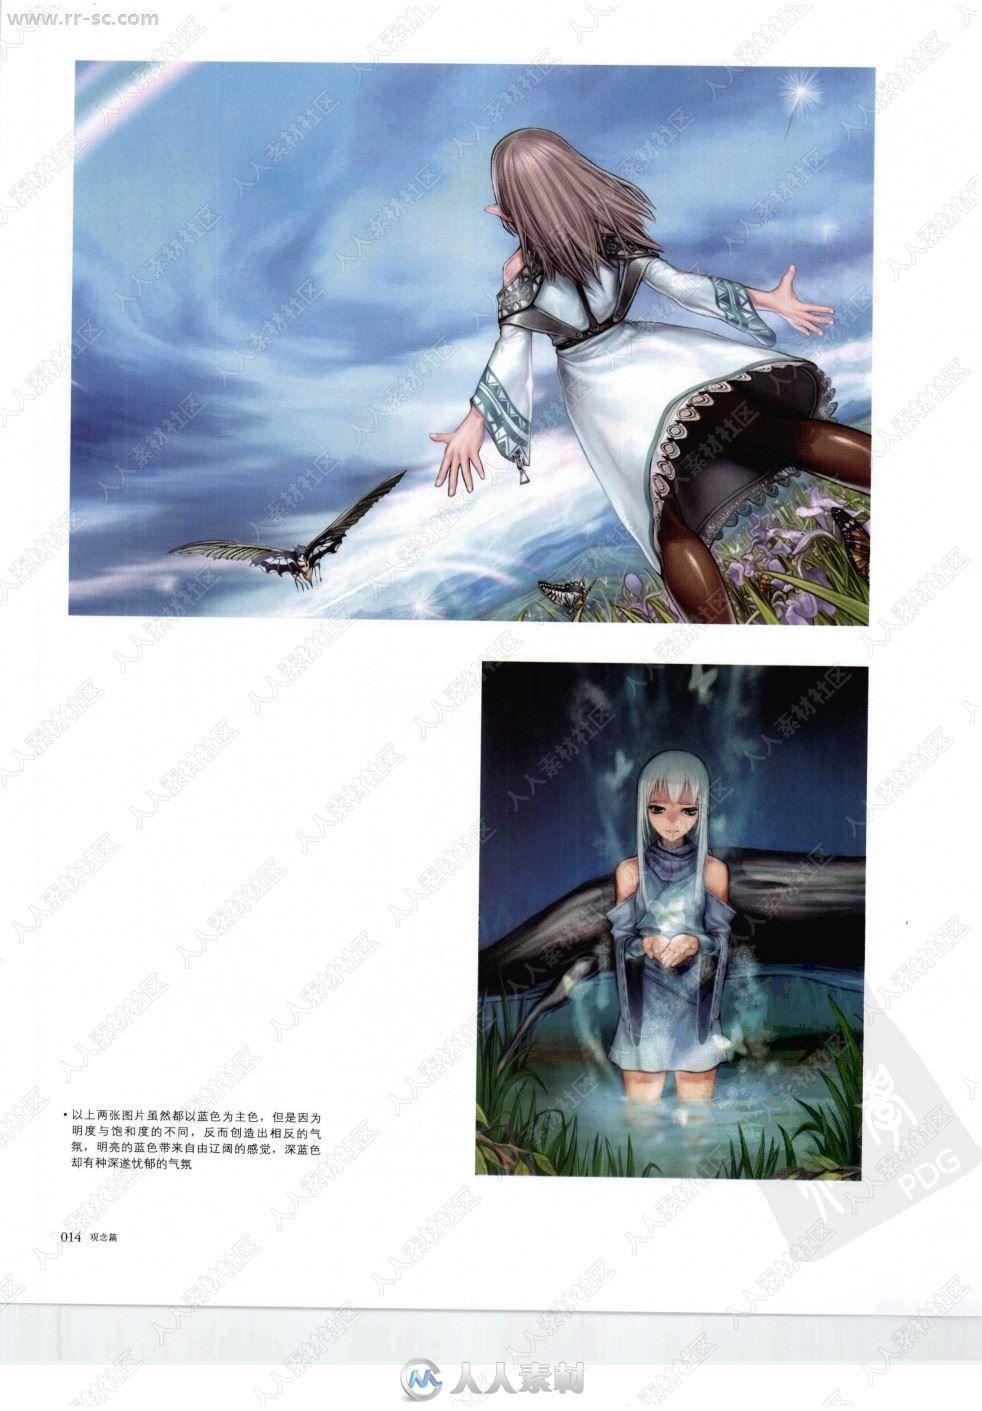 动漫职人构思CG漫画人物上色技法教程书籍杂志